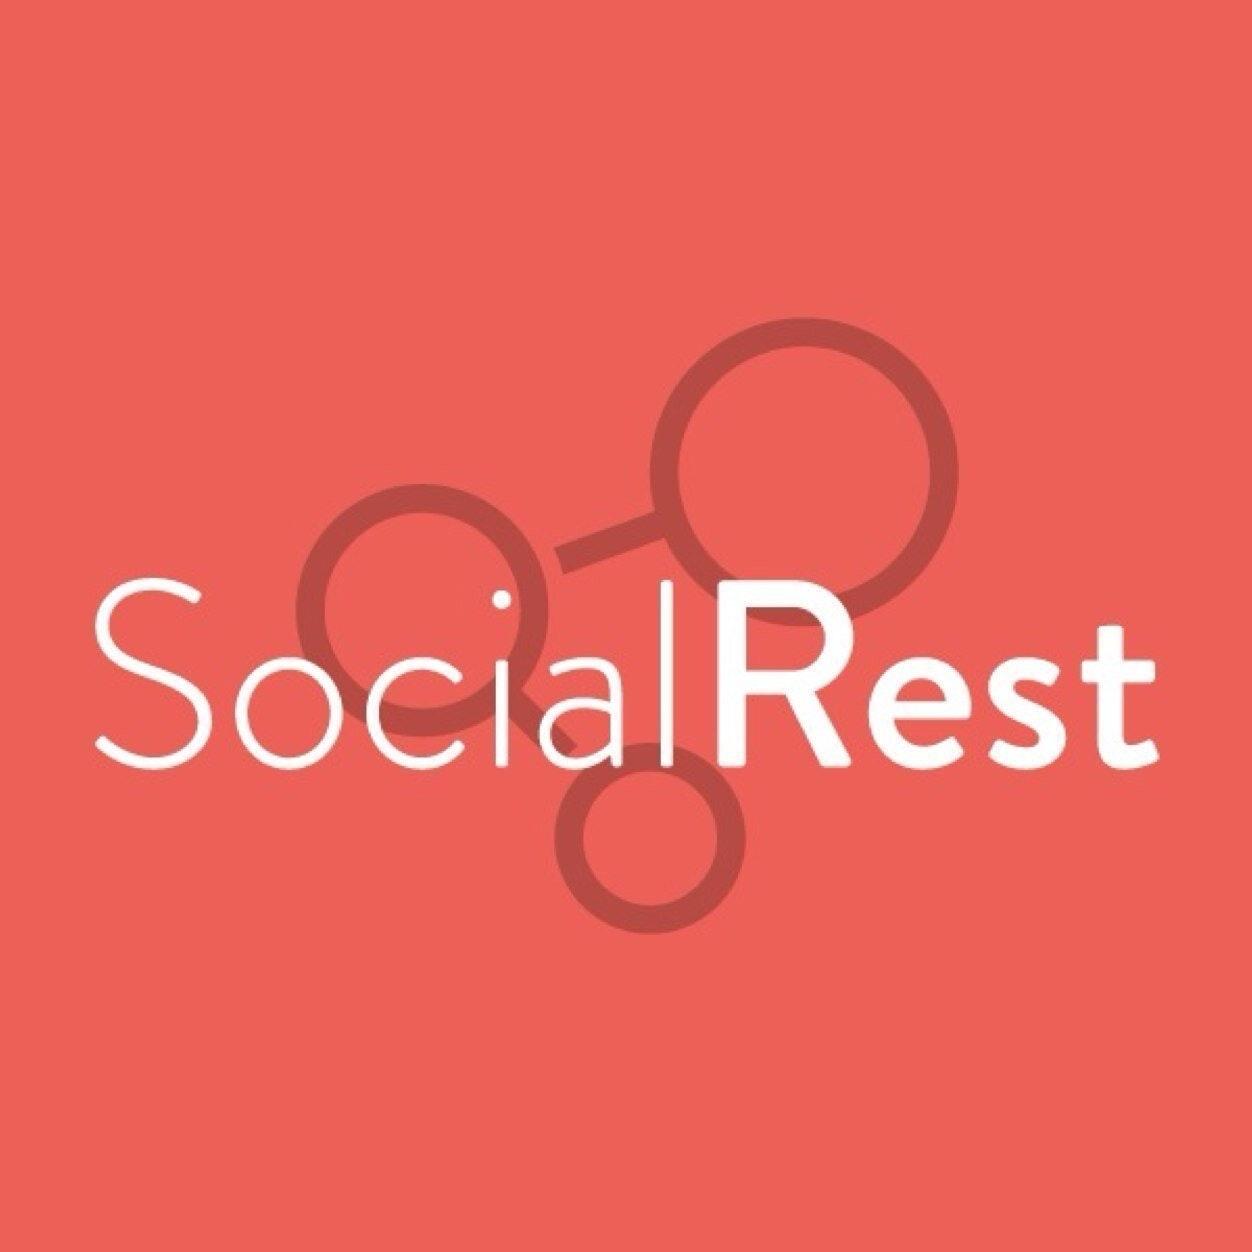 SocialRest